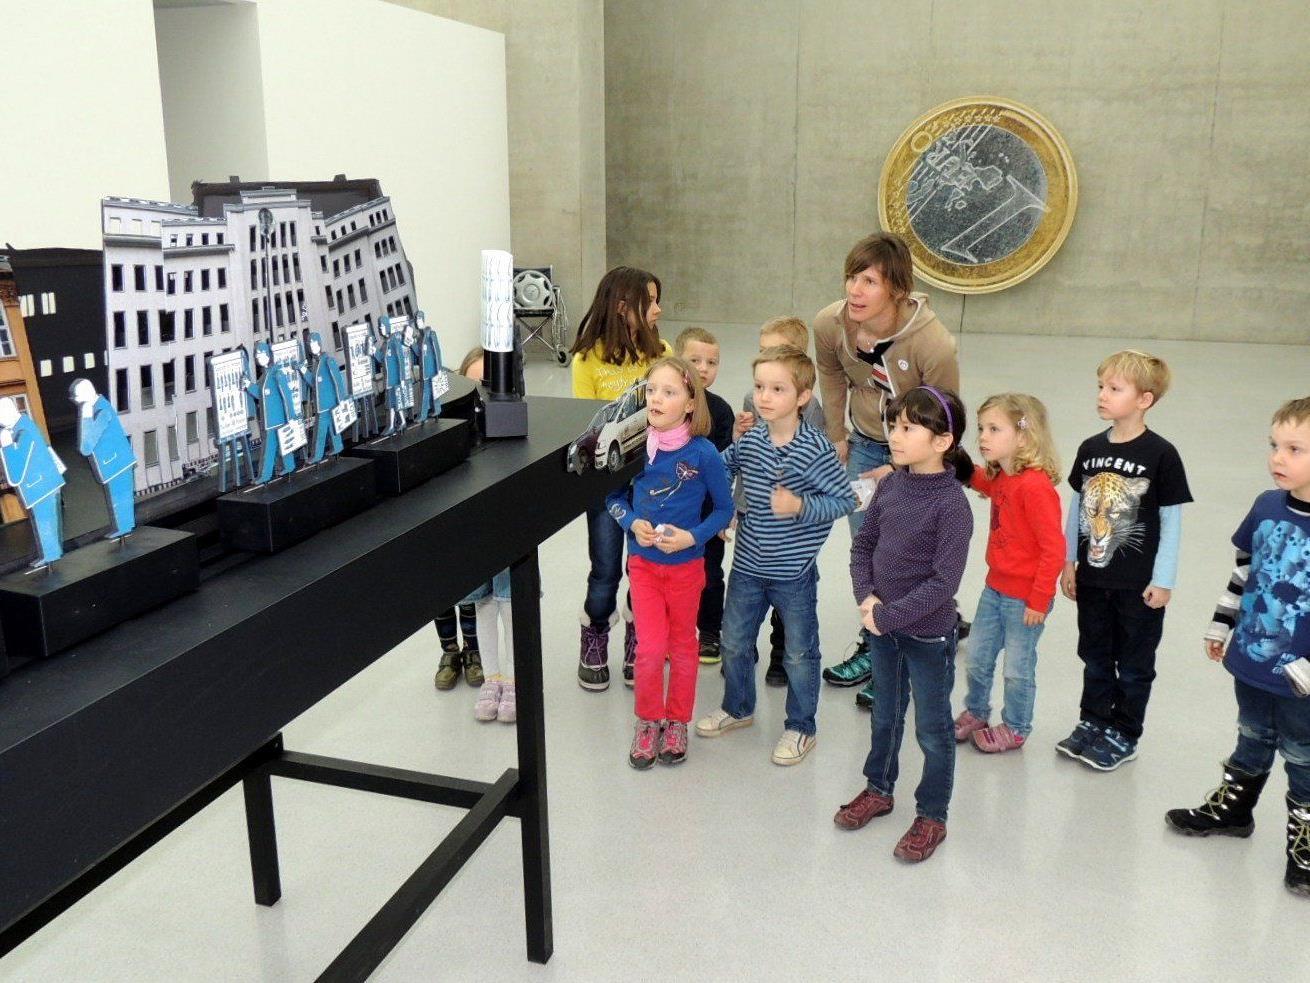 Kindergruppen besuchen die Ausstellung